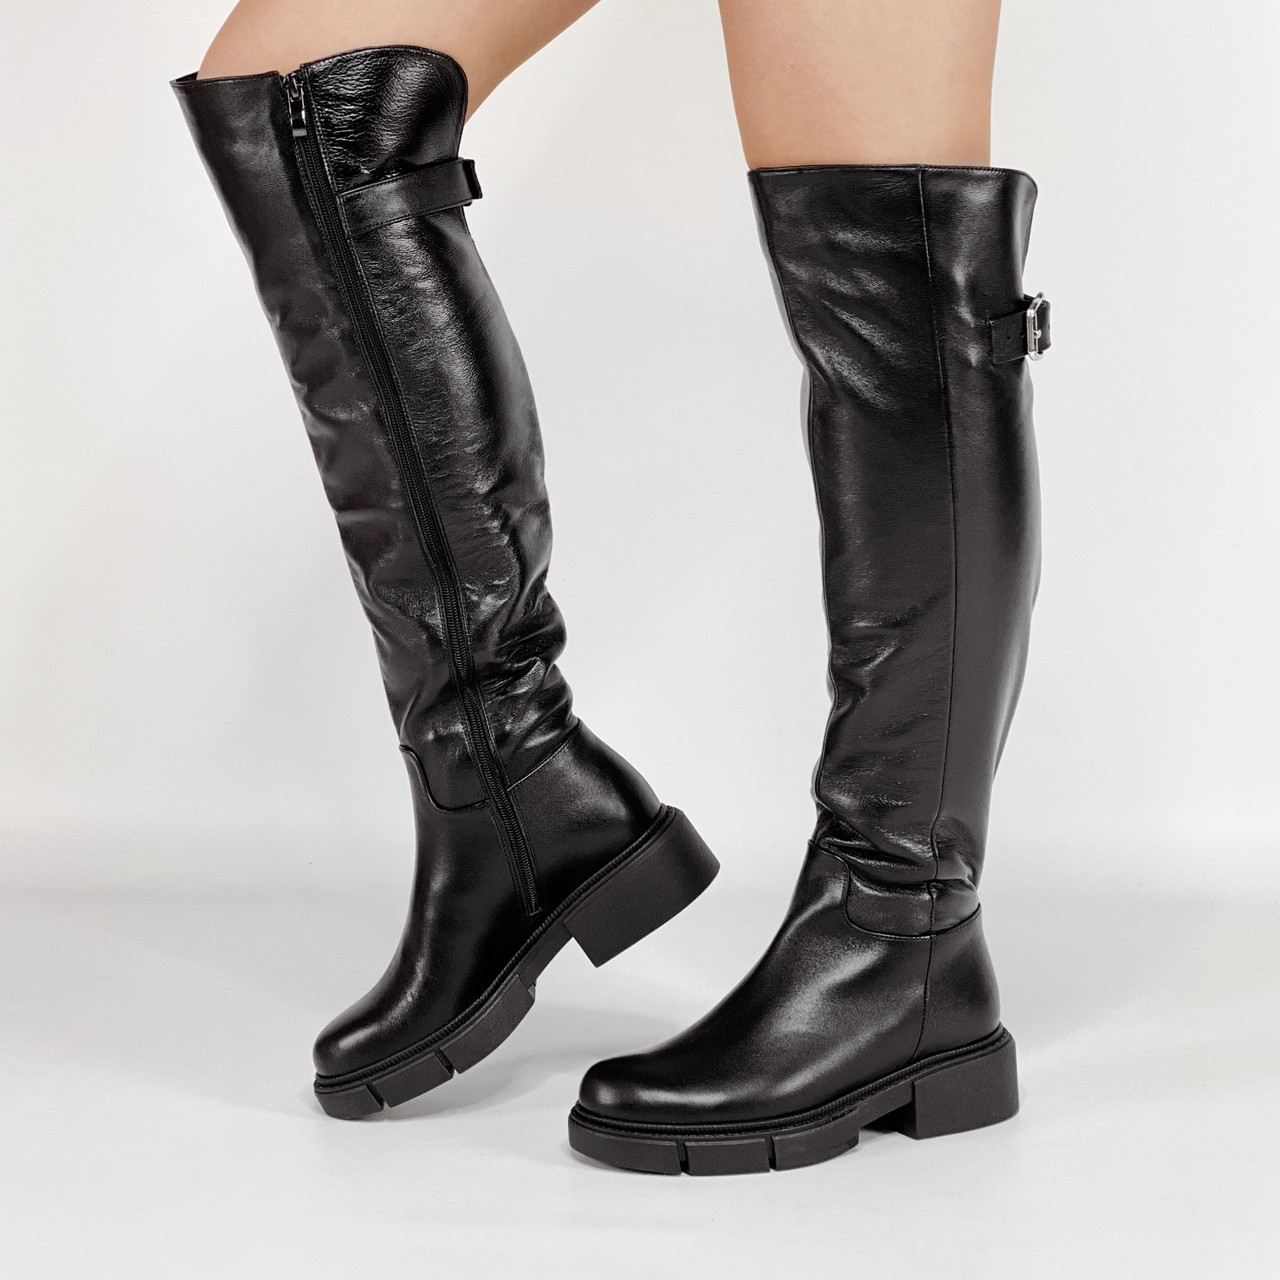 Ботфорты женские кожаные черные базовые MORENTO зимние